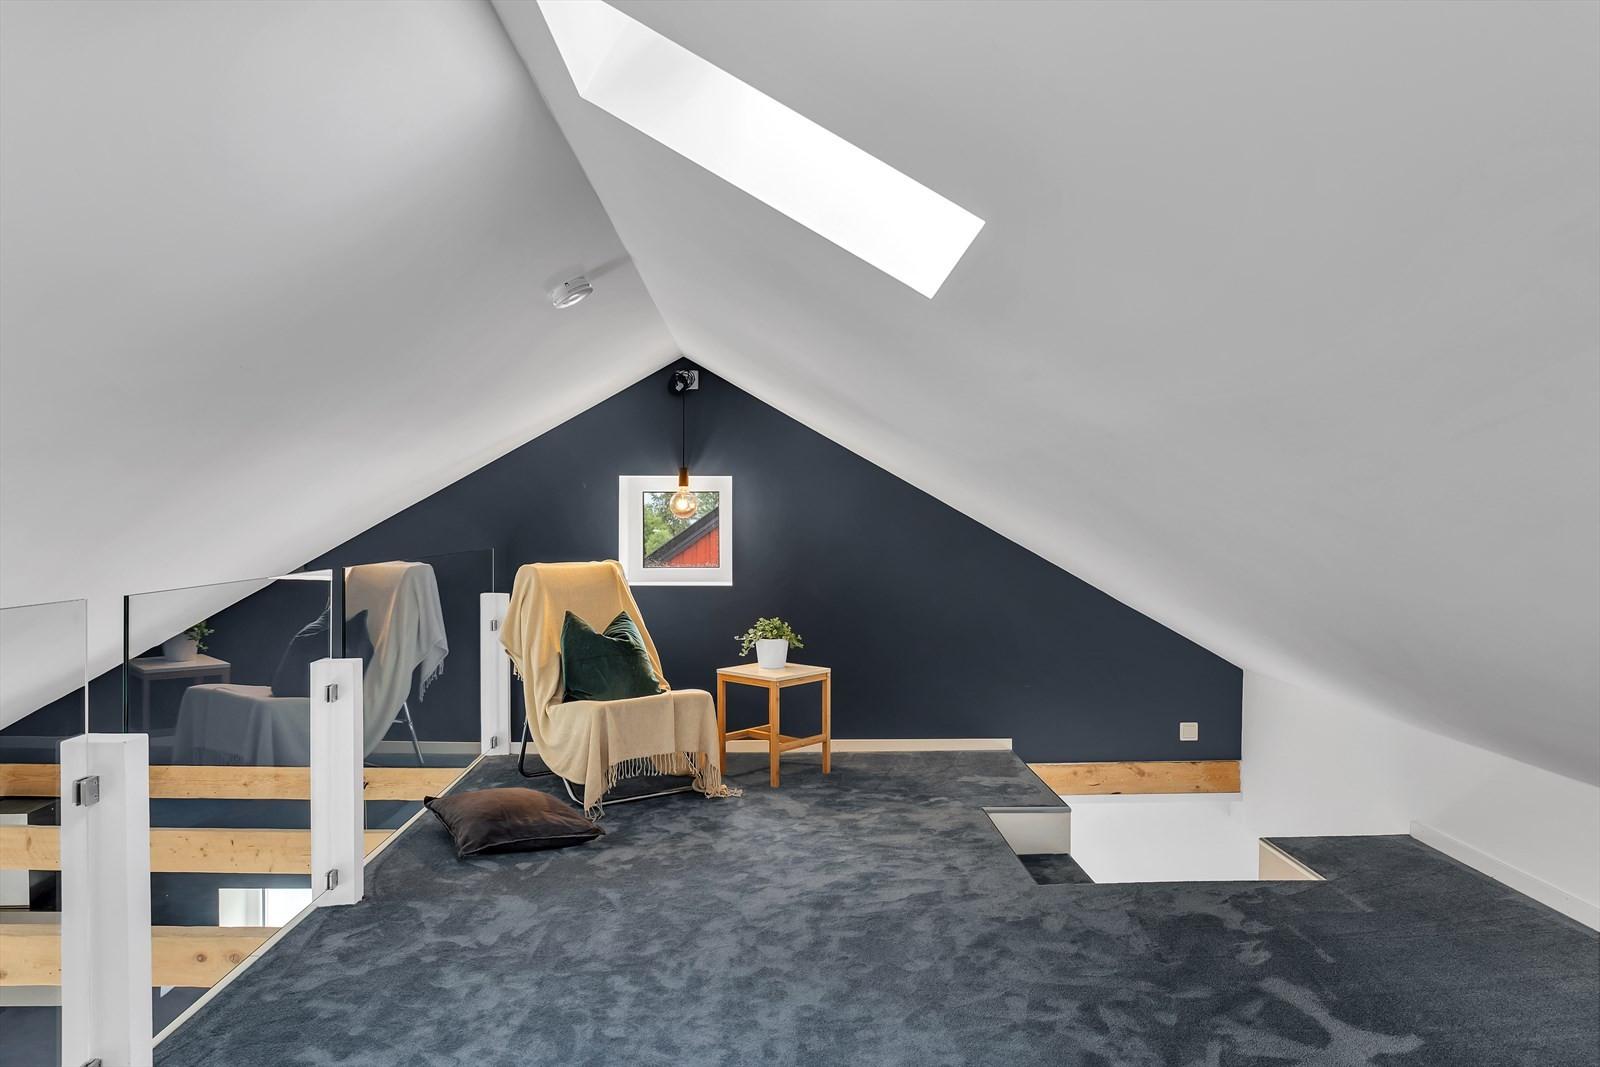 Svært koselig loftsstue med mattegulv og glassrekkverk